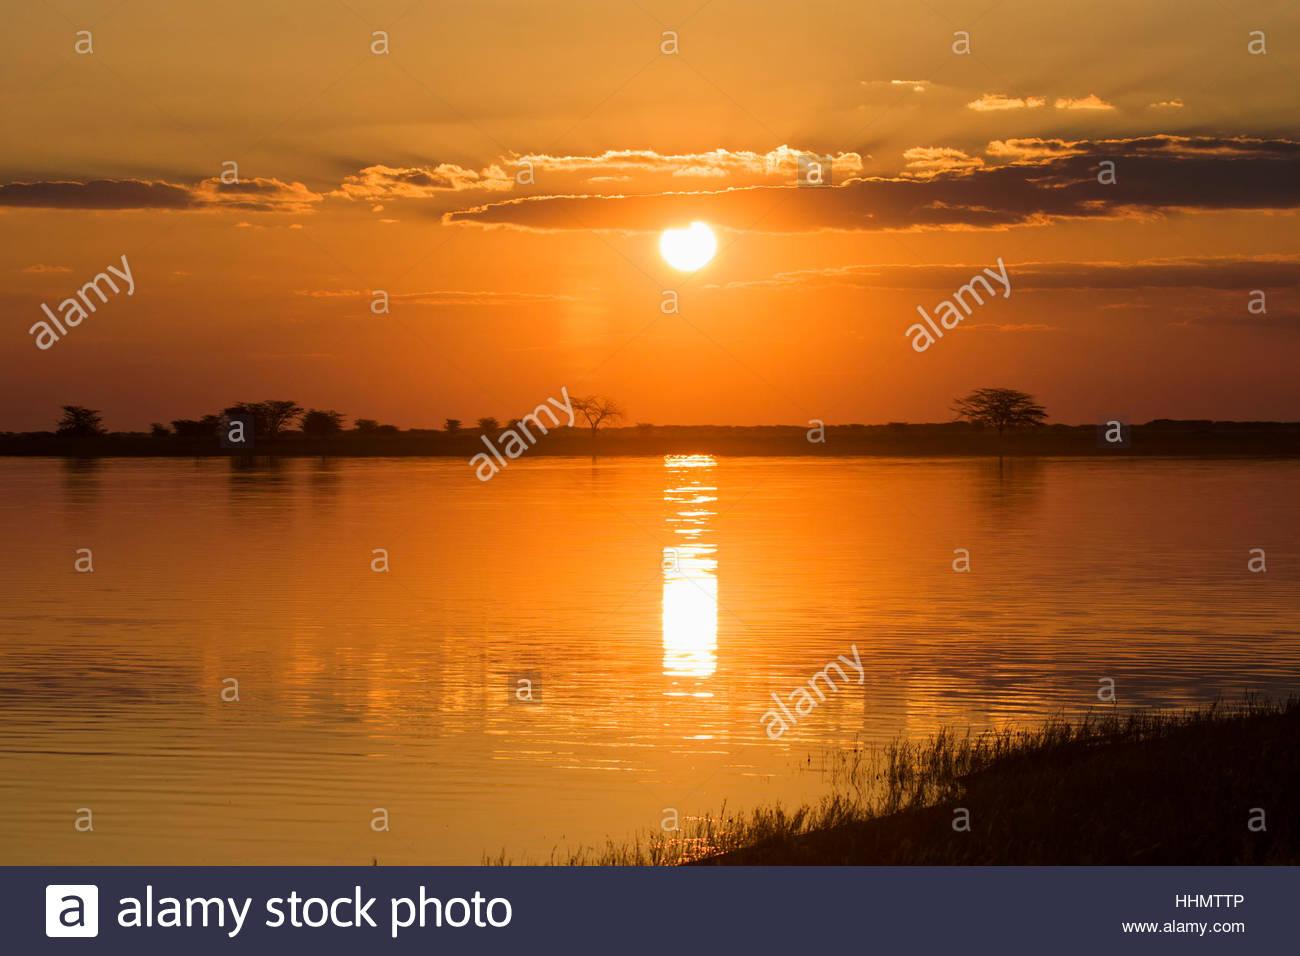 Sunset at the water, Nata Bird Sanctuary, Botswana Stock Photo